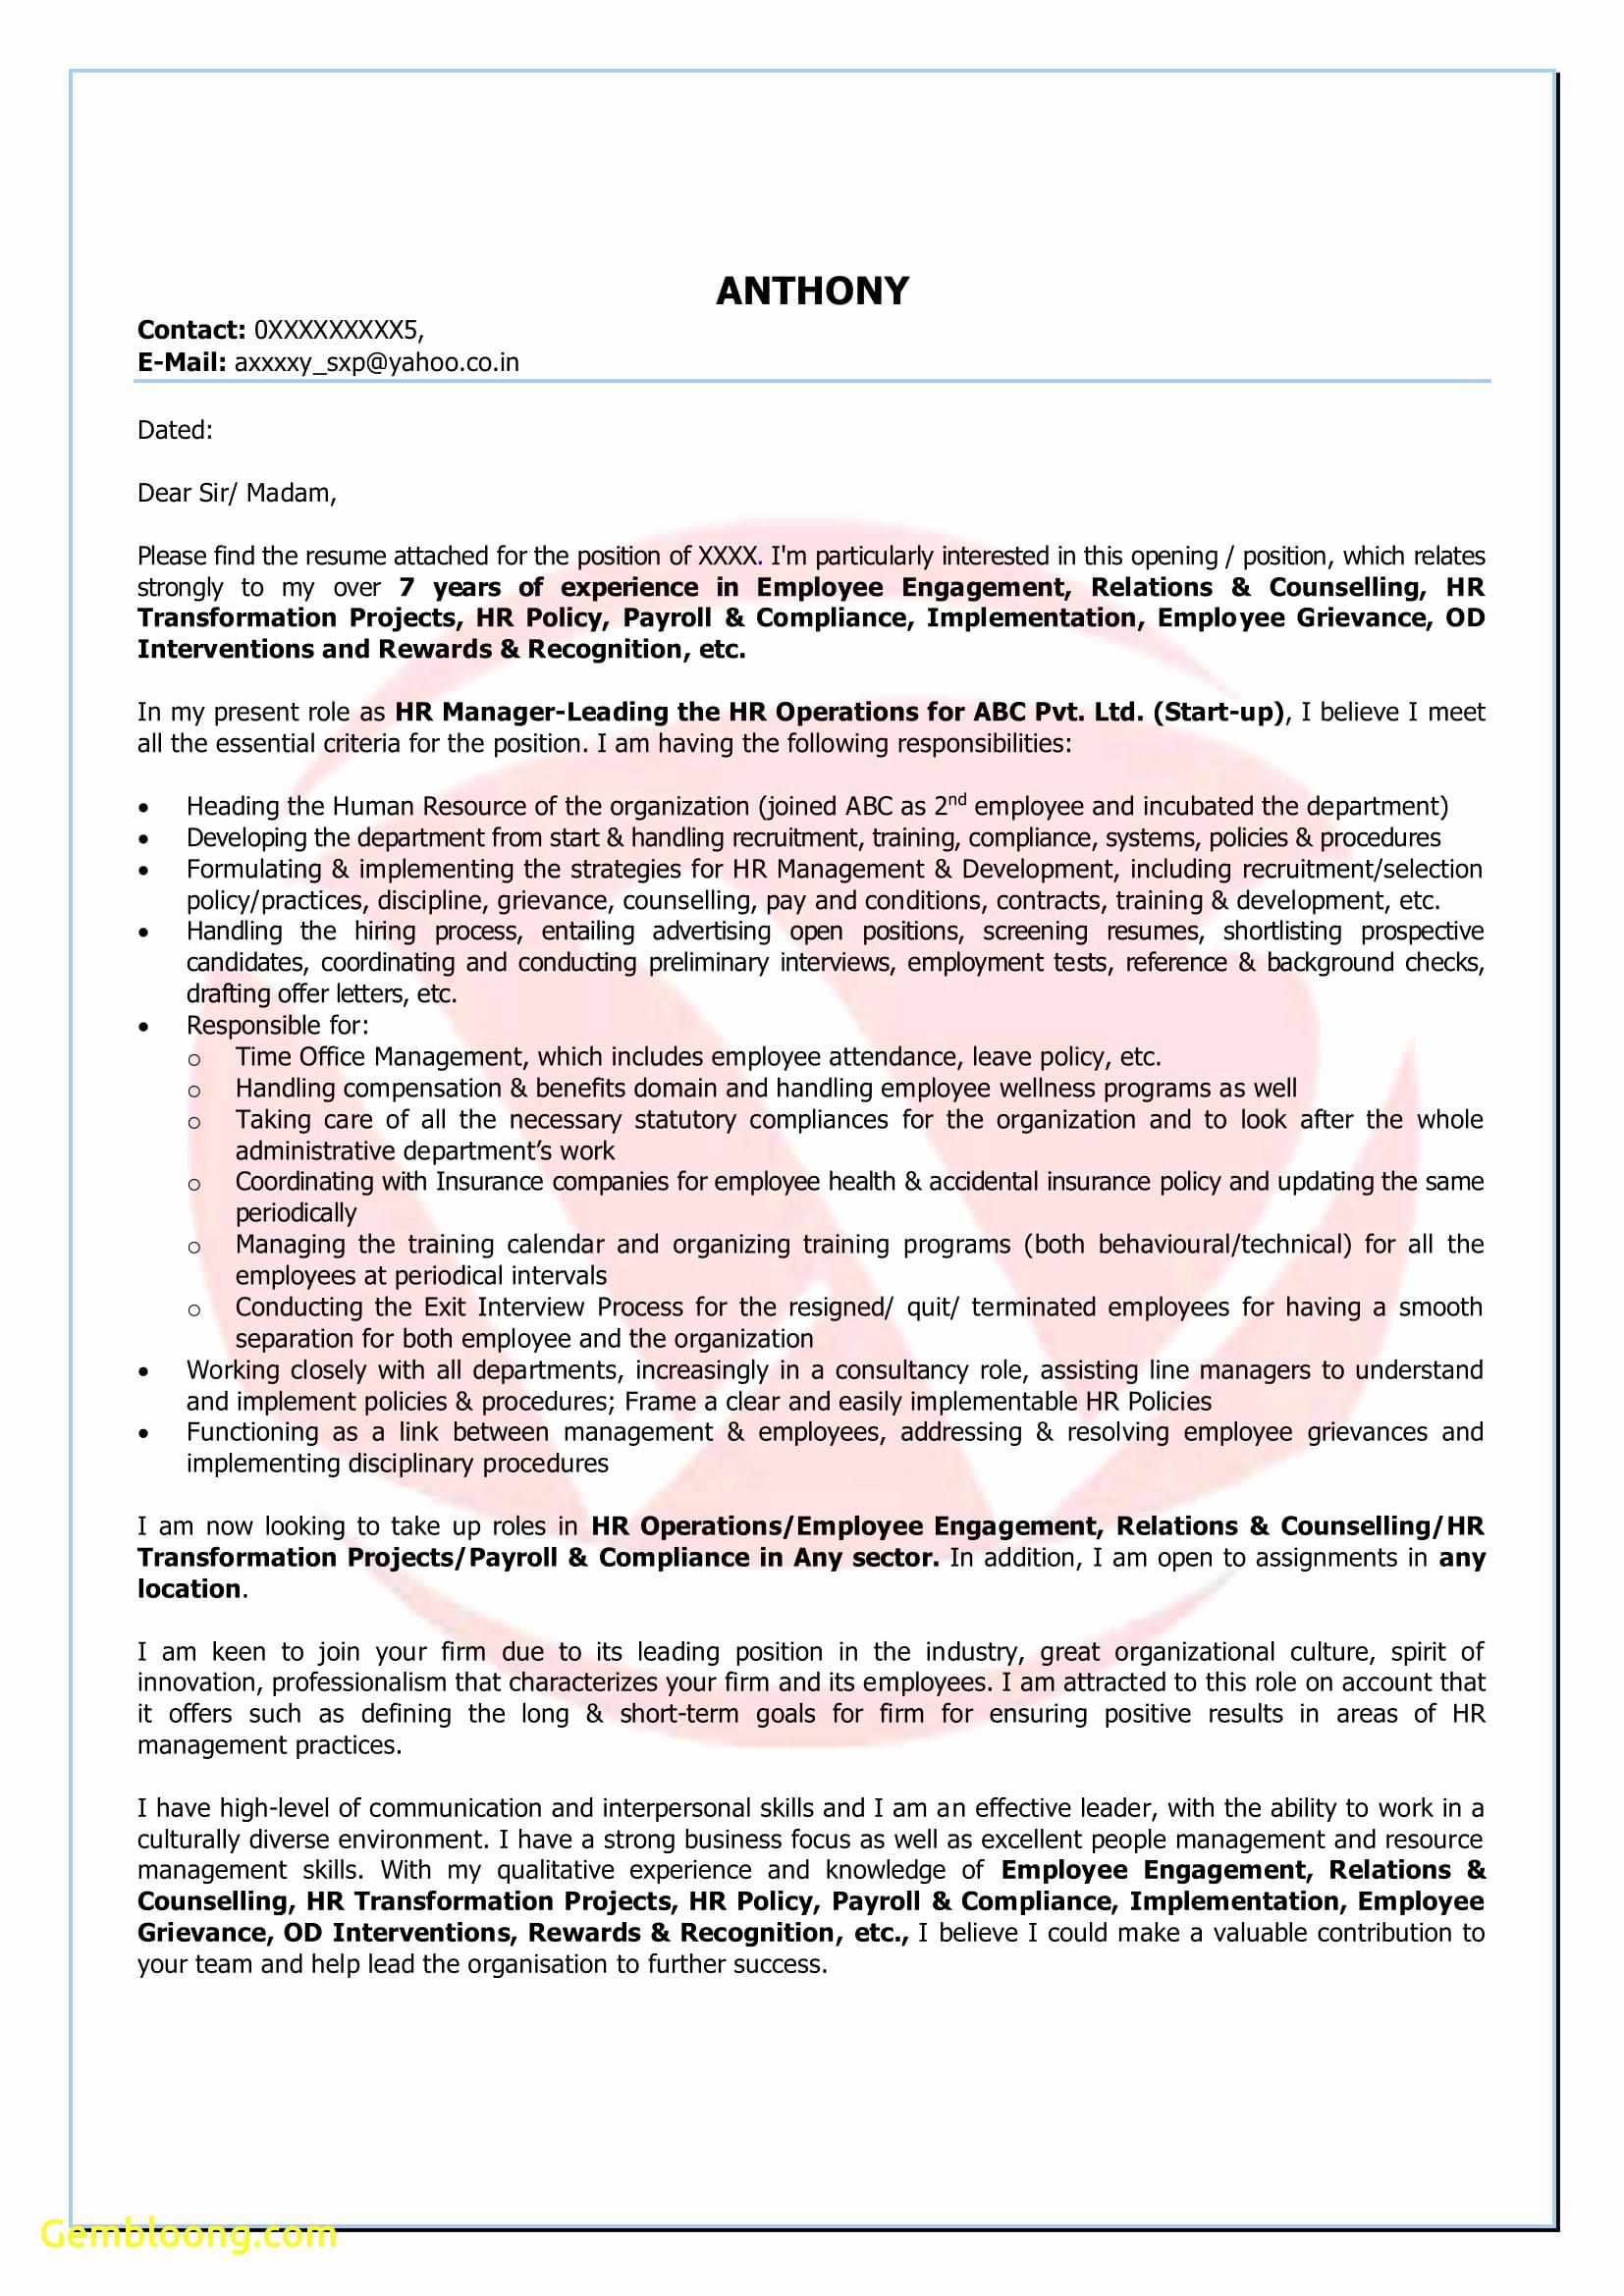 Startup Offer Letter Template - Letter format Cover Letter Elegant Free Resume Word format Download